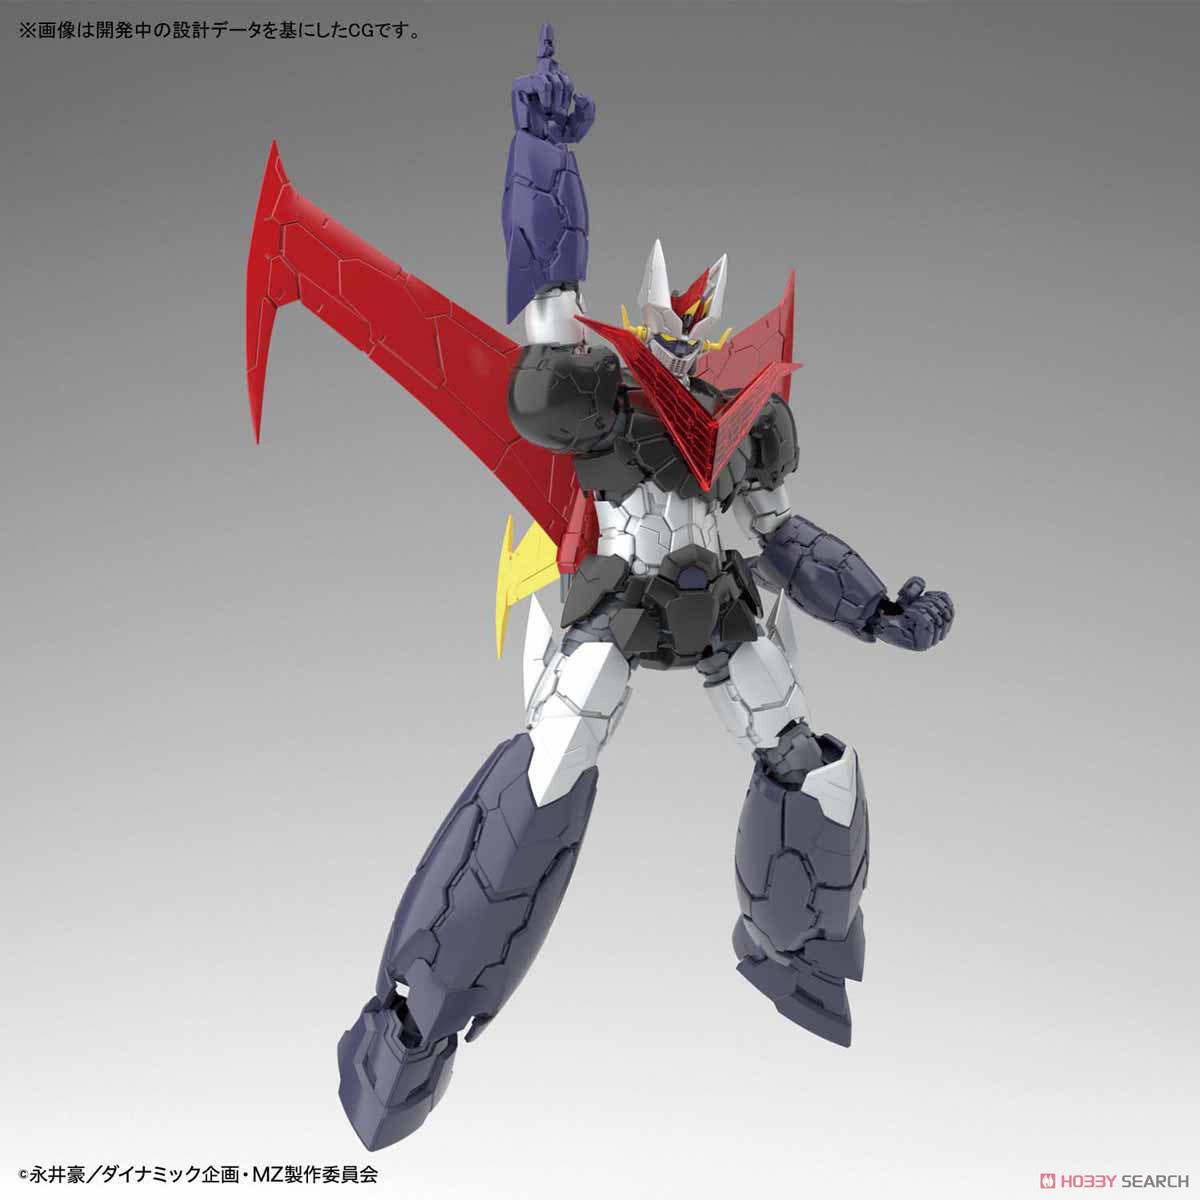 【再販】HG 1/144『グレートマジンガー(マジンガーZ INFINITY Ver.)』プラモデル-017